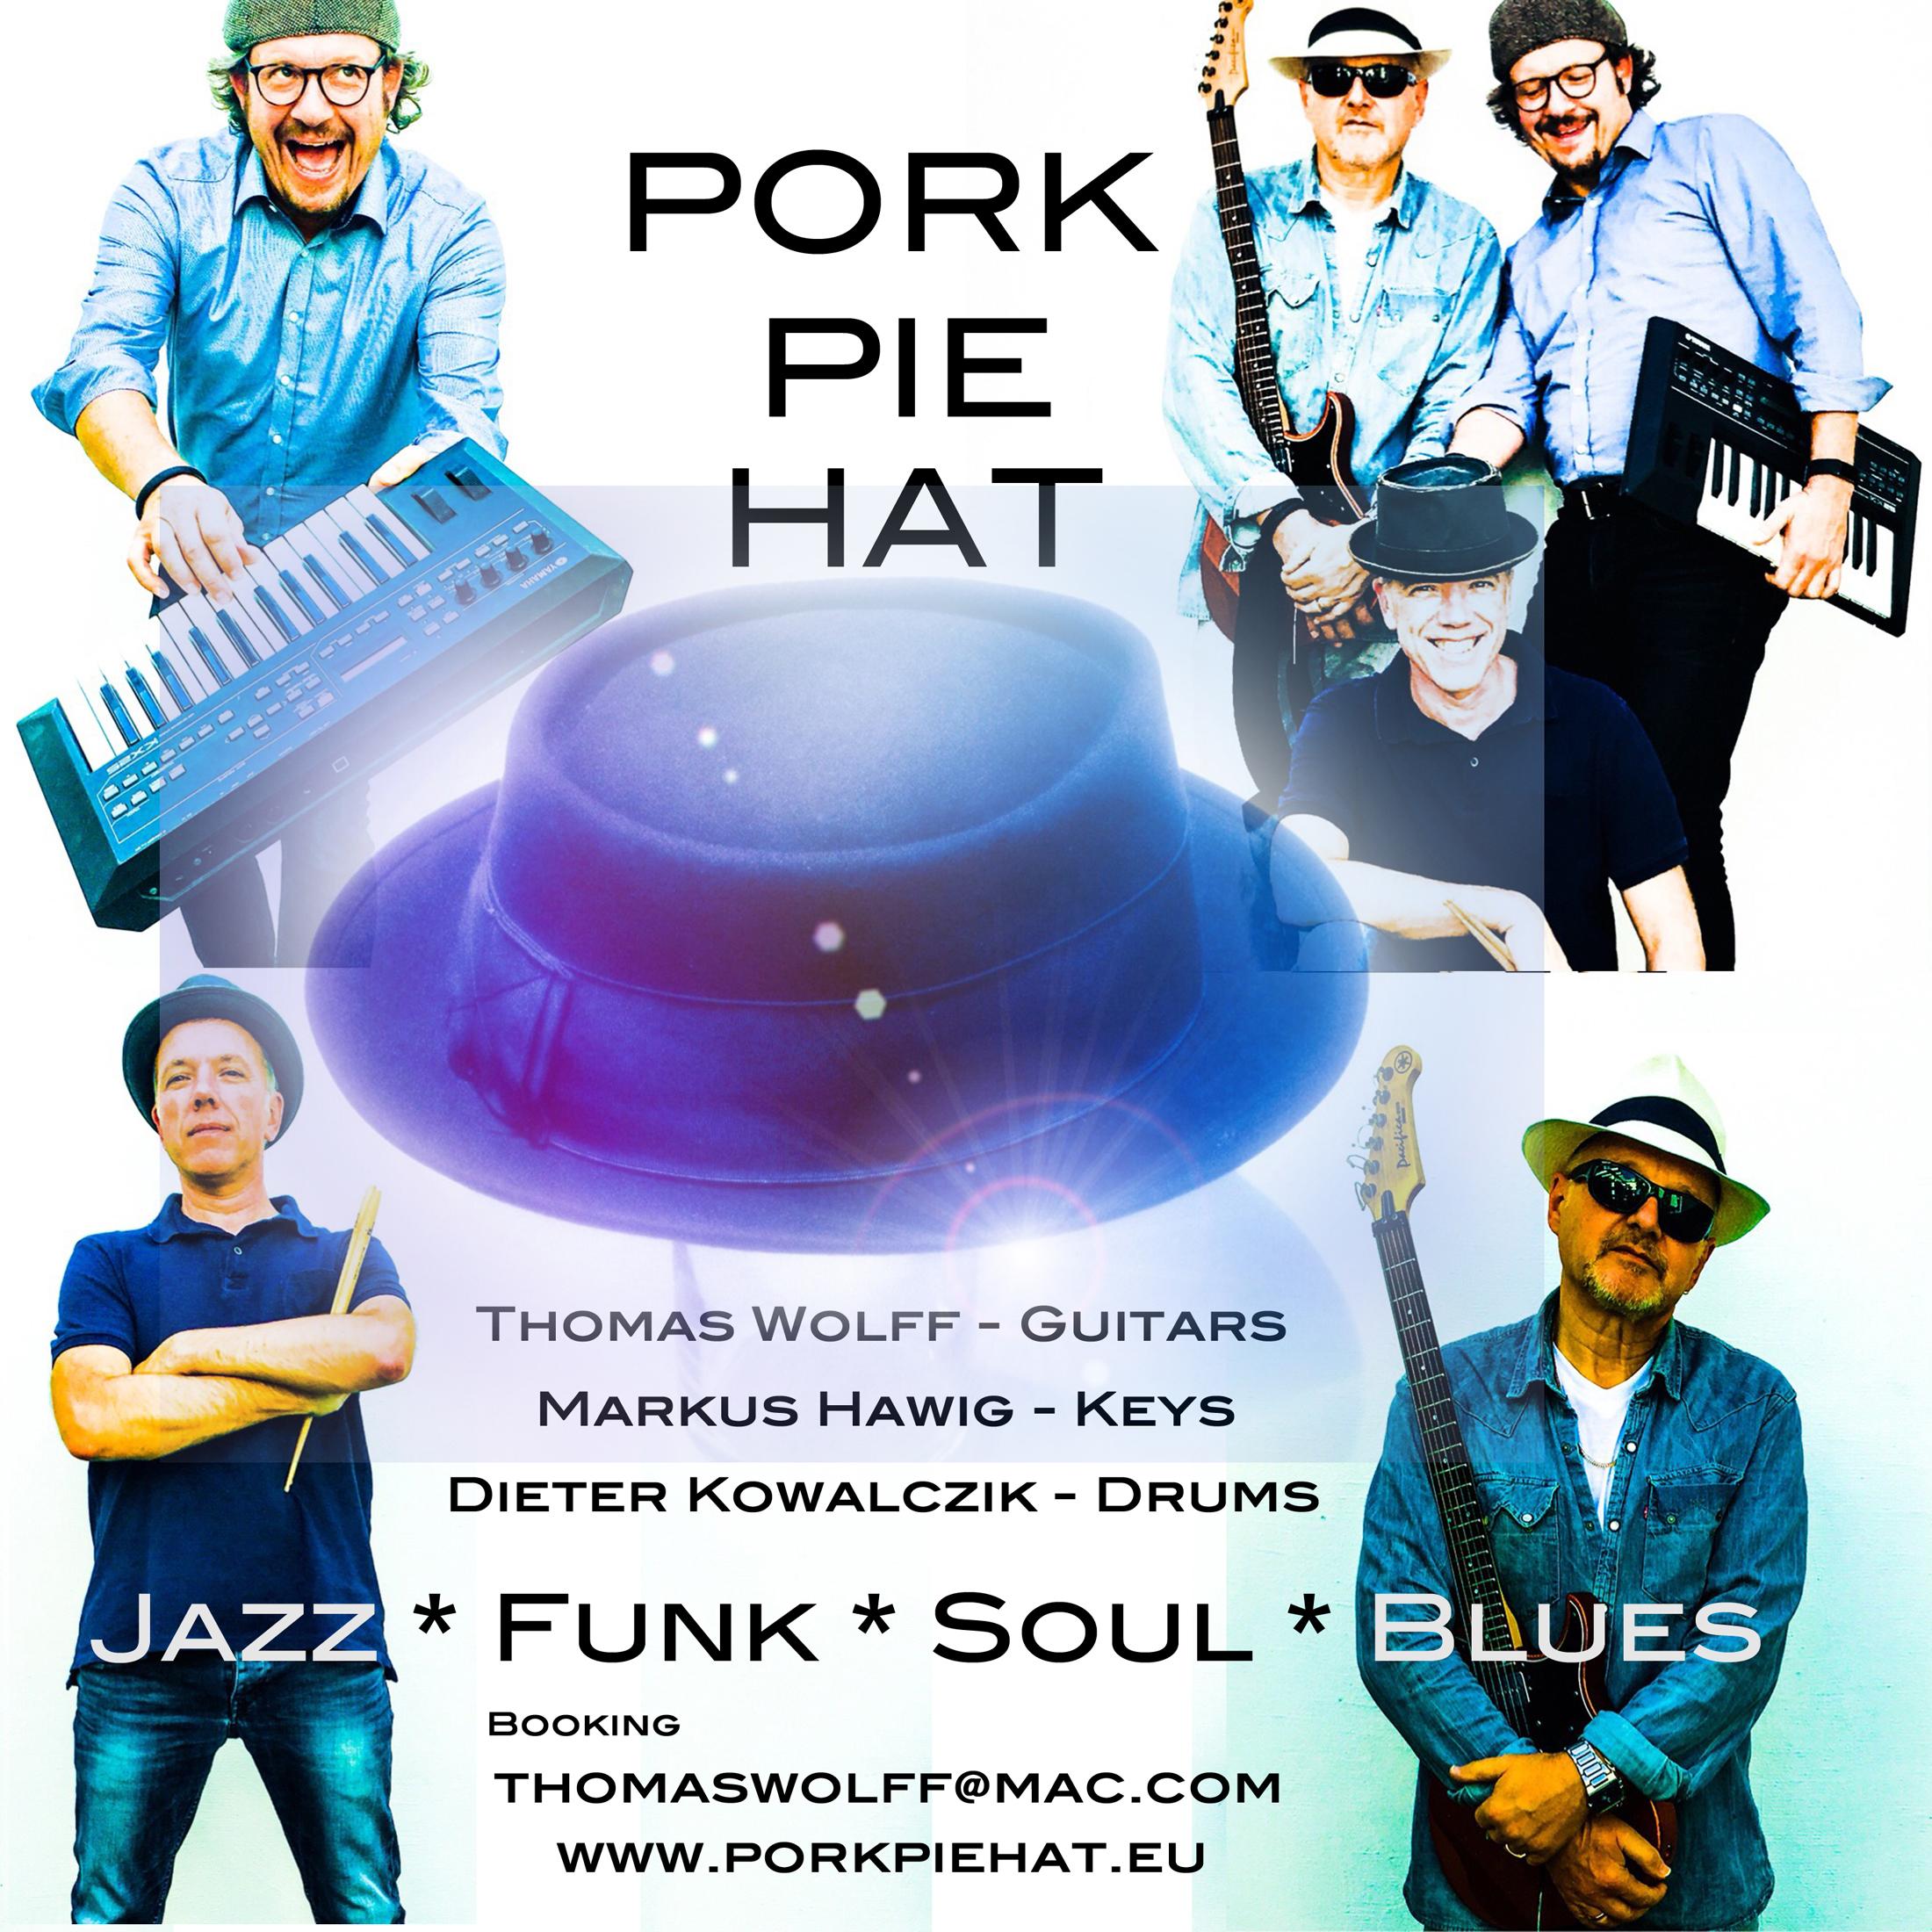 Pork Pie Hat Info